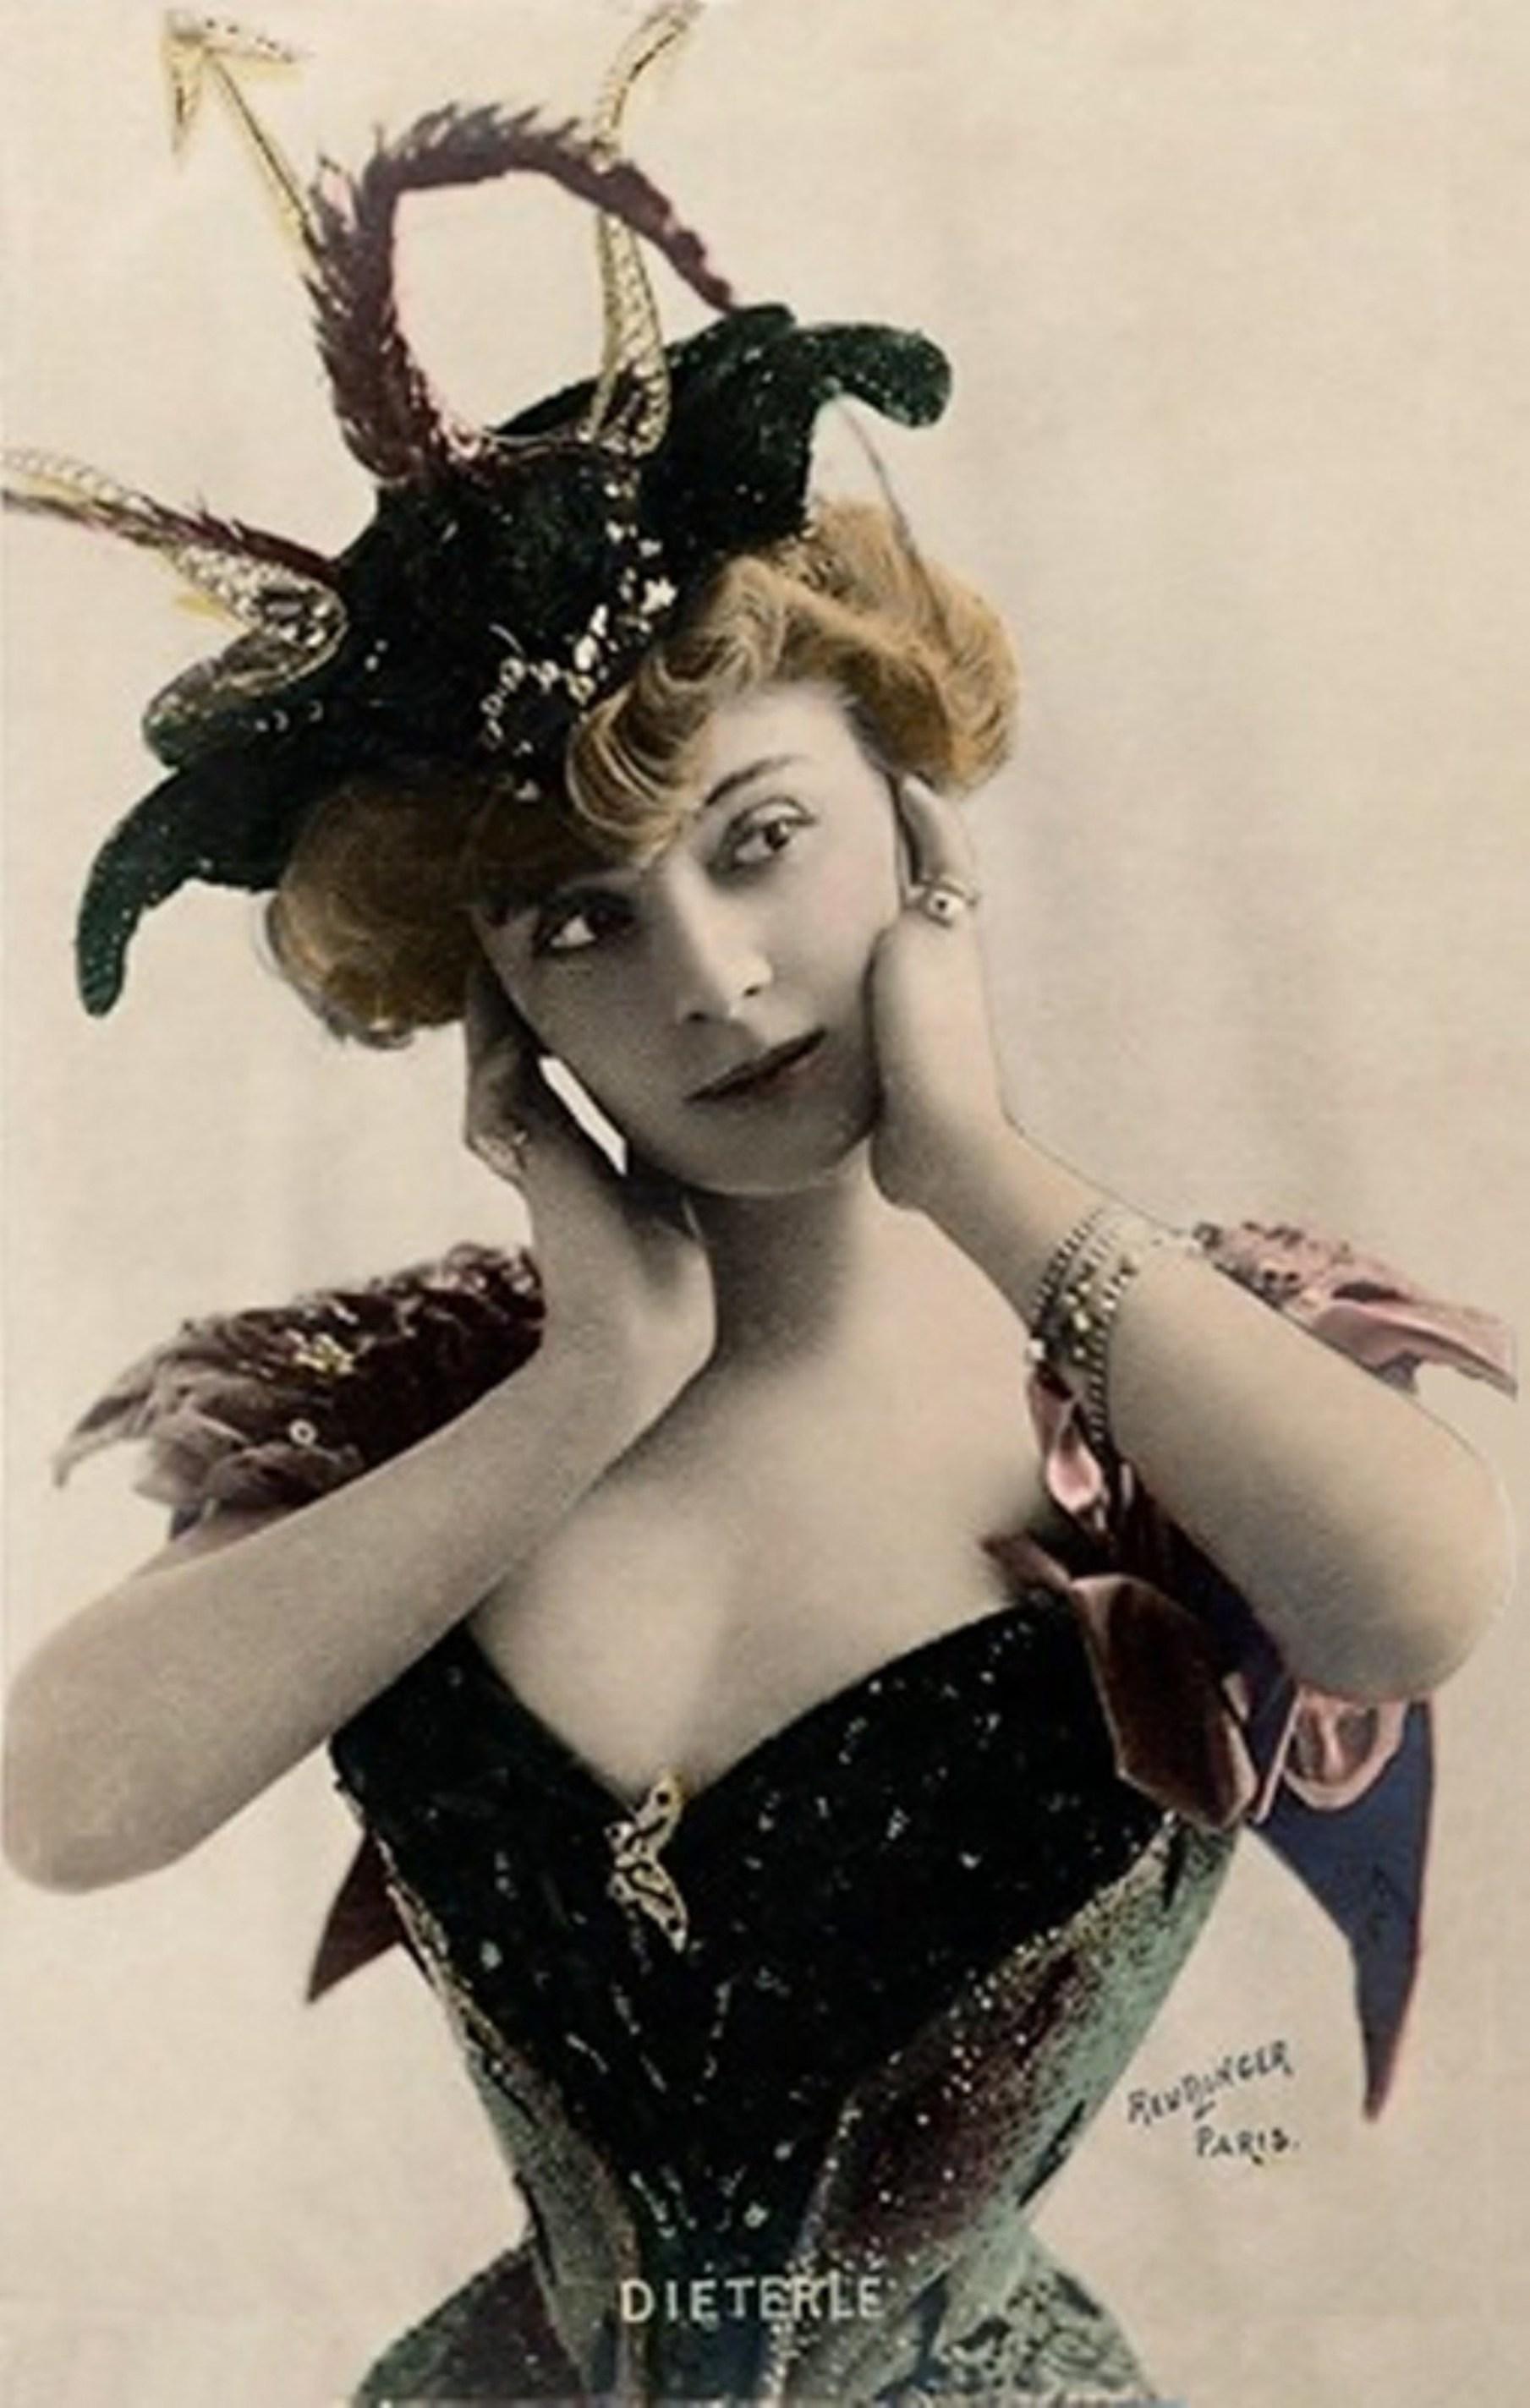 amelie_dieterle_1871-1941_carte_postale_a25.jpg